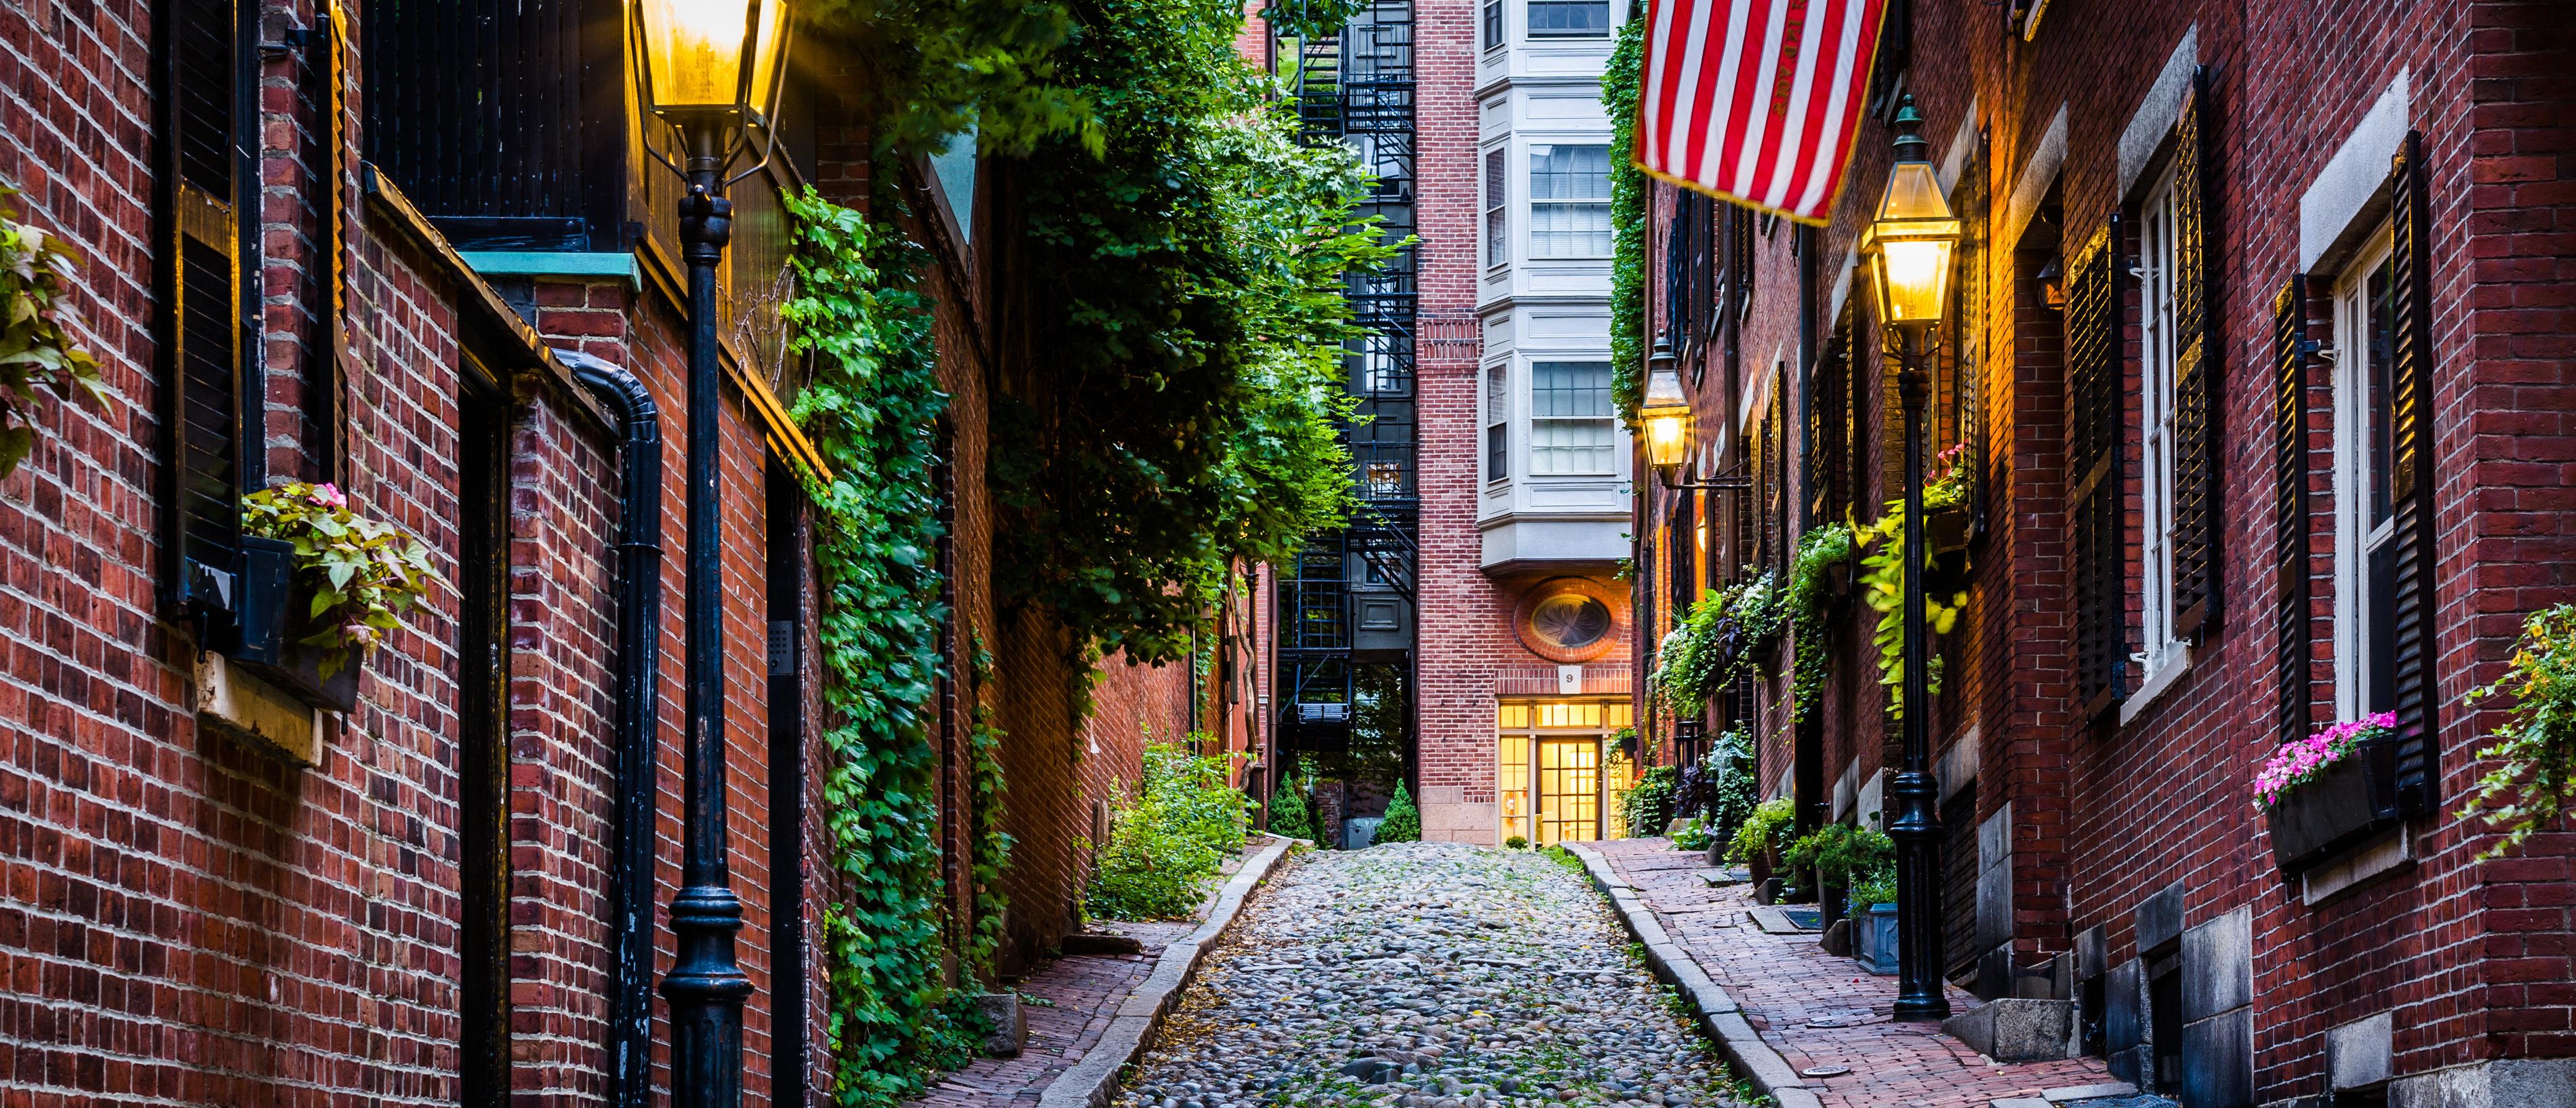 Boston: $199,755 (Shutterstock)